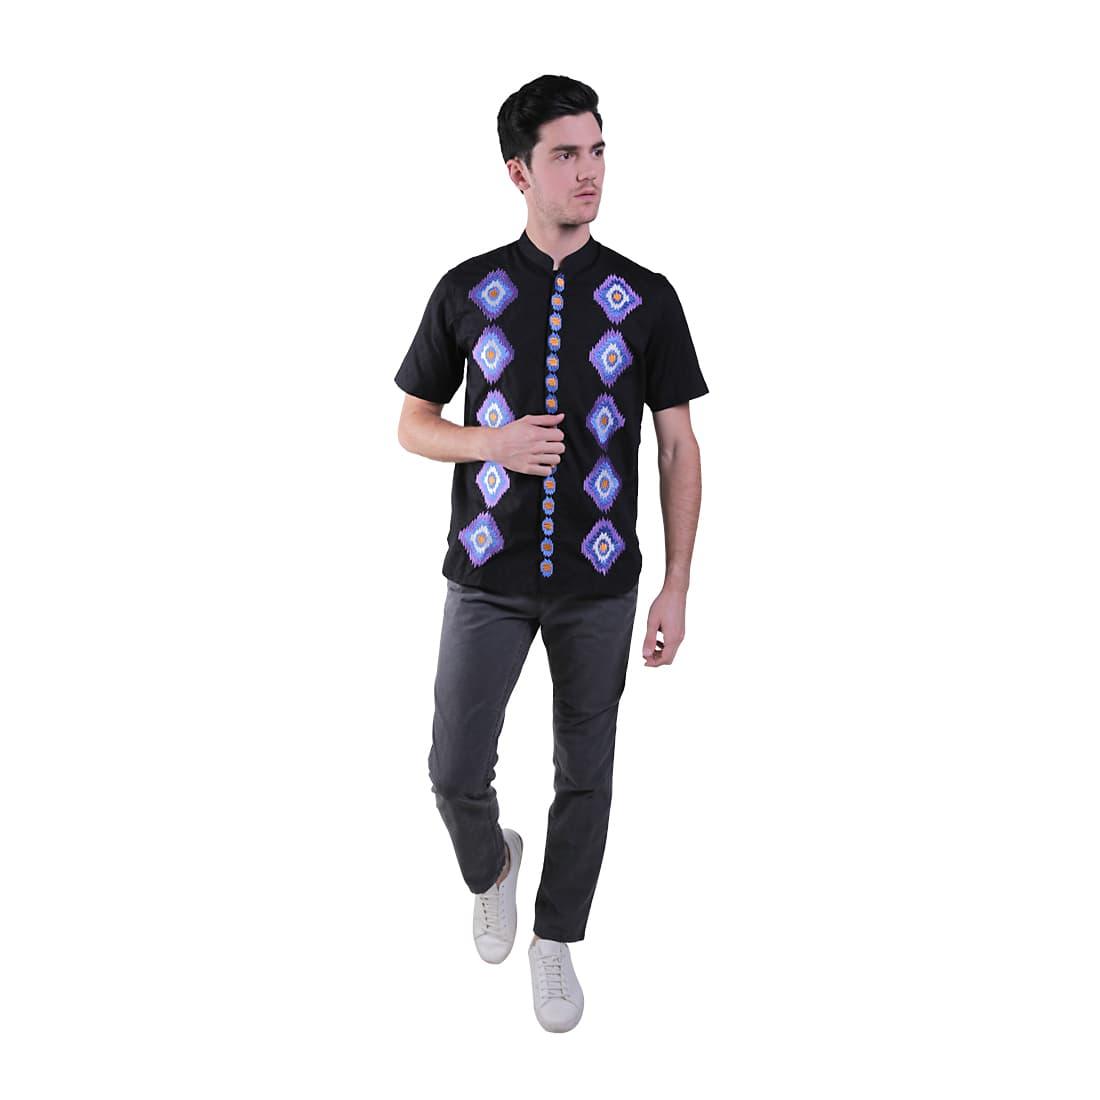 Salt N Pepper Polo Shirt Pria Black Beli Harga Murah Kemeja Lengan Pendek Snp 069 Abu Muda Xl Koko 013 Hitam Blanja